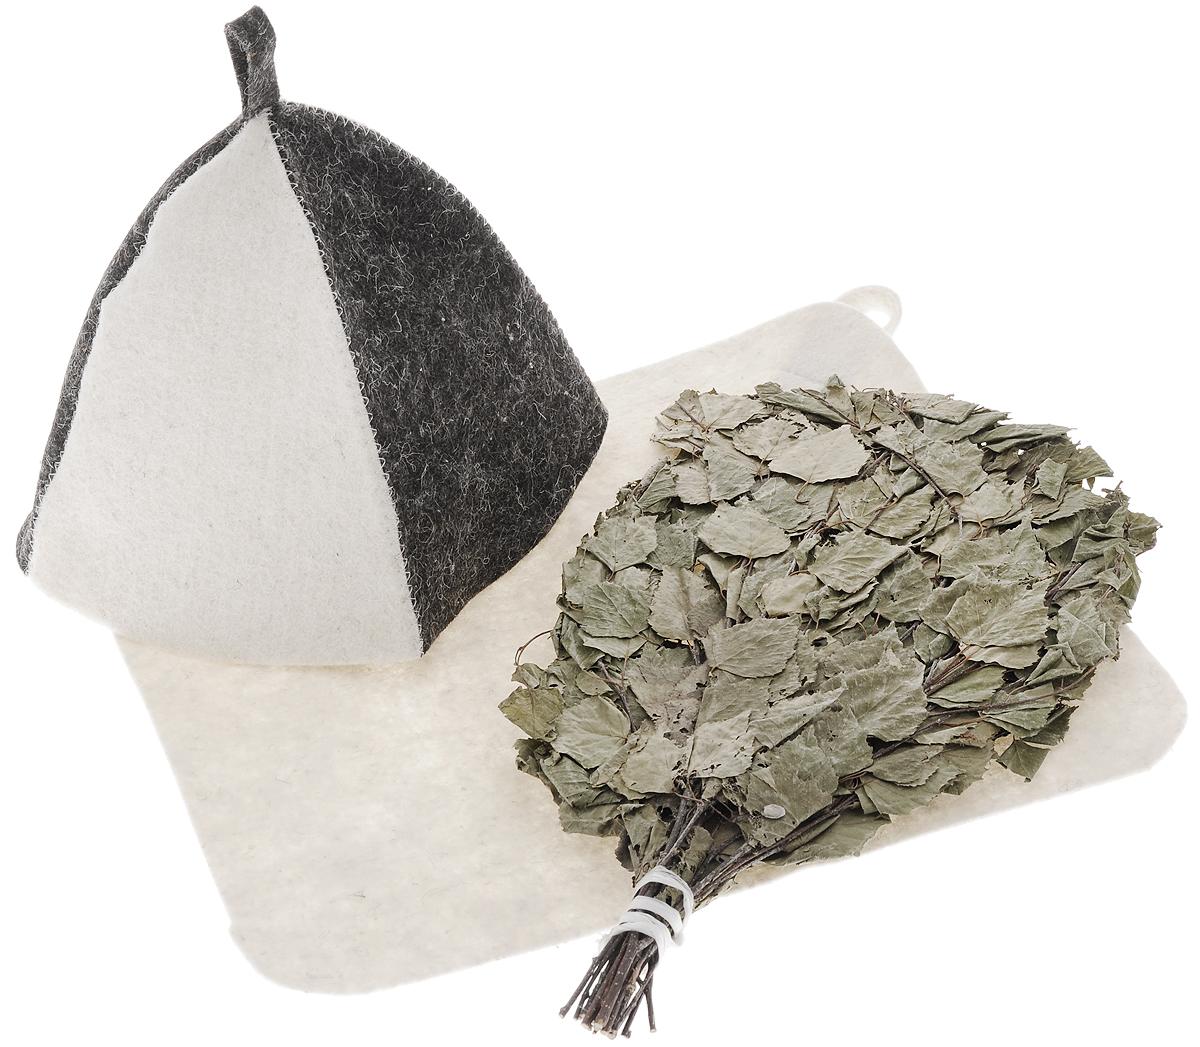 Набор подарочный для бани и сауны Банные штучки, цвет: молочный, черный, 3 предмета41619Оригинальный набор Банные штучки состоит из березового веника, коврика и шапки. Березовый веник используется в бане для общего тонизирования, оздоровления и расслабления организма. Коврик и шапка выполнены из войлока. Коврик используется в качестве подстилки на пол или скамейки, он убережет вас от ожогов и воздействия на кожу высоких температур. Шапка - незаменимый атрибут в бане, она предотвращает сухость и ломкость волос, а также защищает от головокружения. Подарочный набор Банные штучки включает все необходимое, что понадобится в бане. Идеальный подарок для заядлых банщиков. Размер коврика: 39 х 35 см. Длина веника: 42 см. Высота шапки: 23 см. Диаметр основания шапки: 38 см.